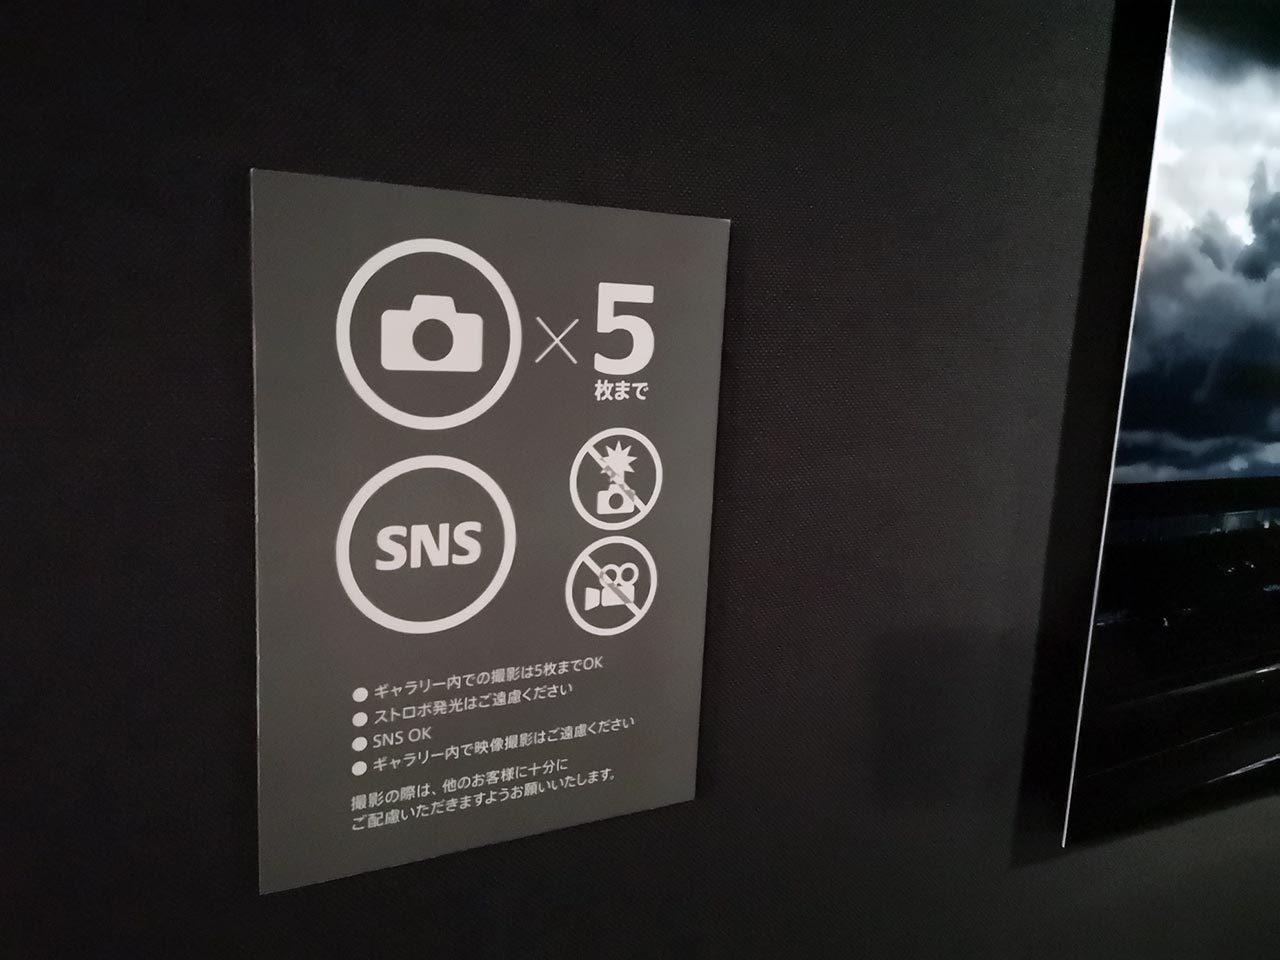 かつてないクオリティと規模感。ベタ褒めするしかない…熱田護カメラマンの写真展『500GP フォーミュラ1の記憶』